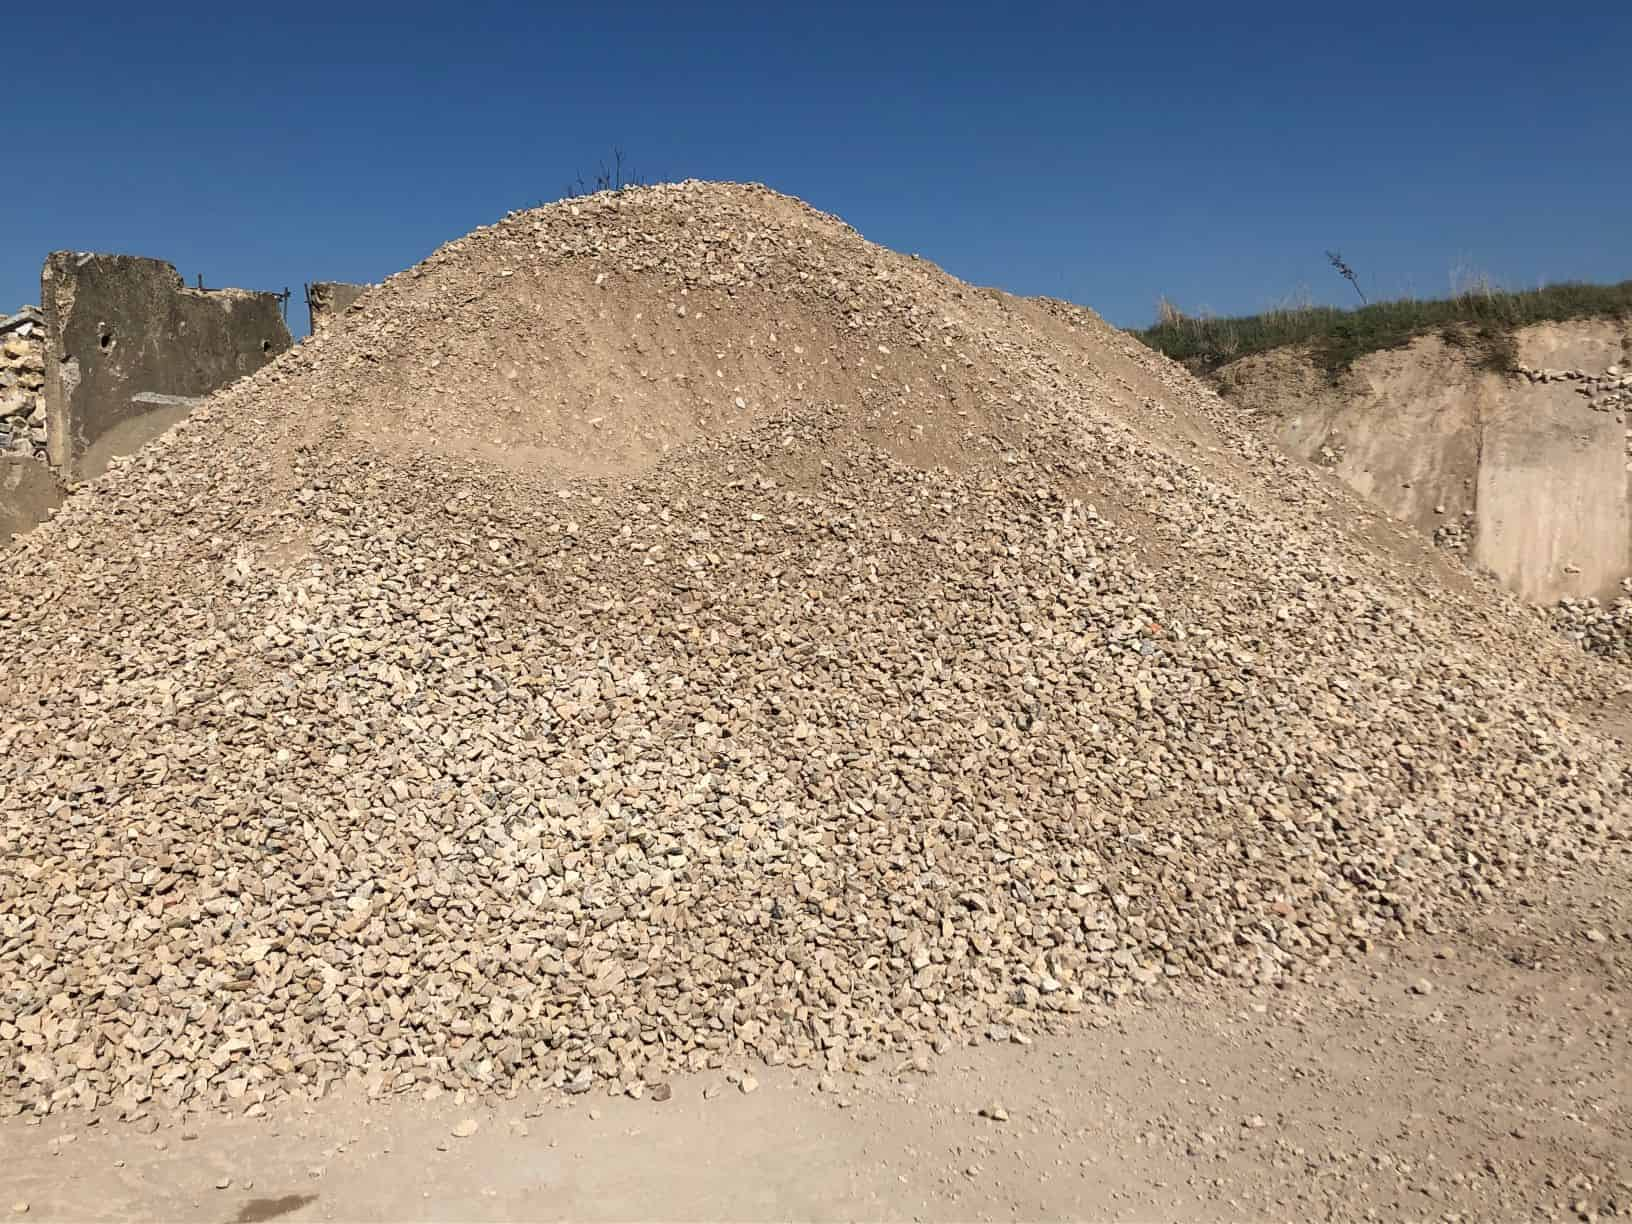 Kalkschotter 0 / 45 ( Gemisch aus 70% Travertin, 15% Sandstein, 15% Muschelkalkstein )